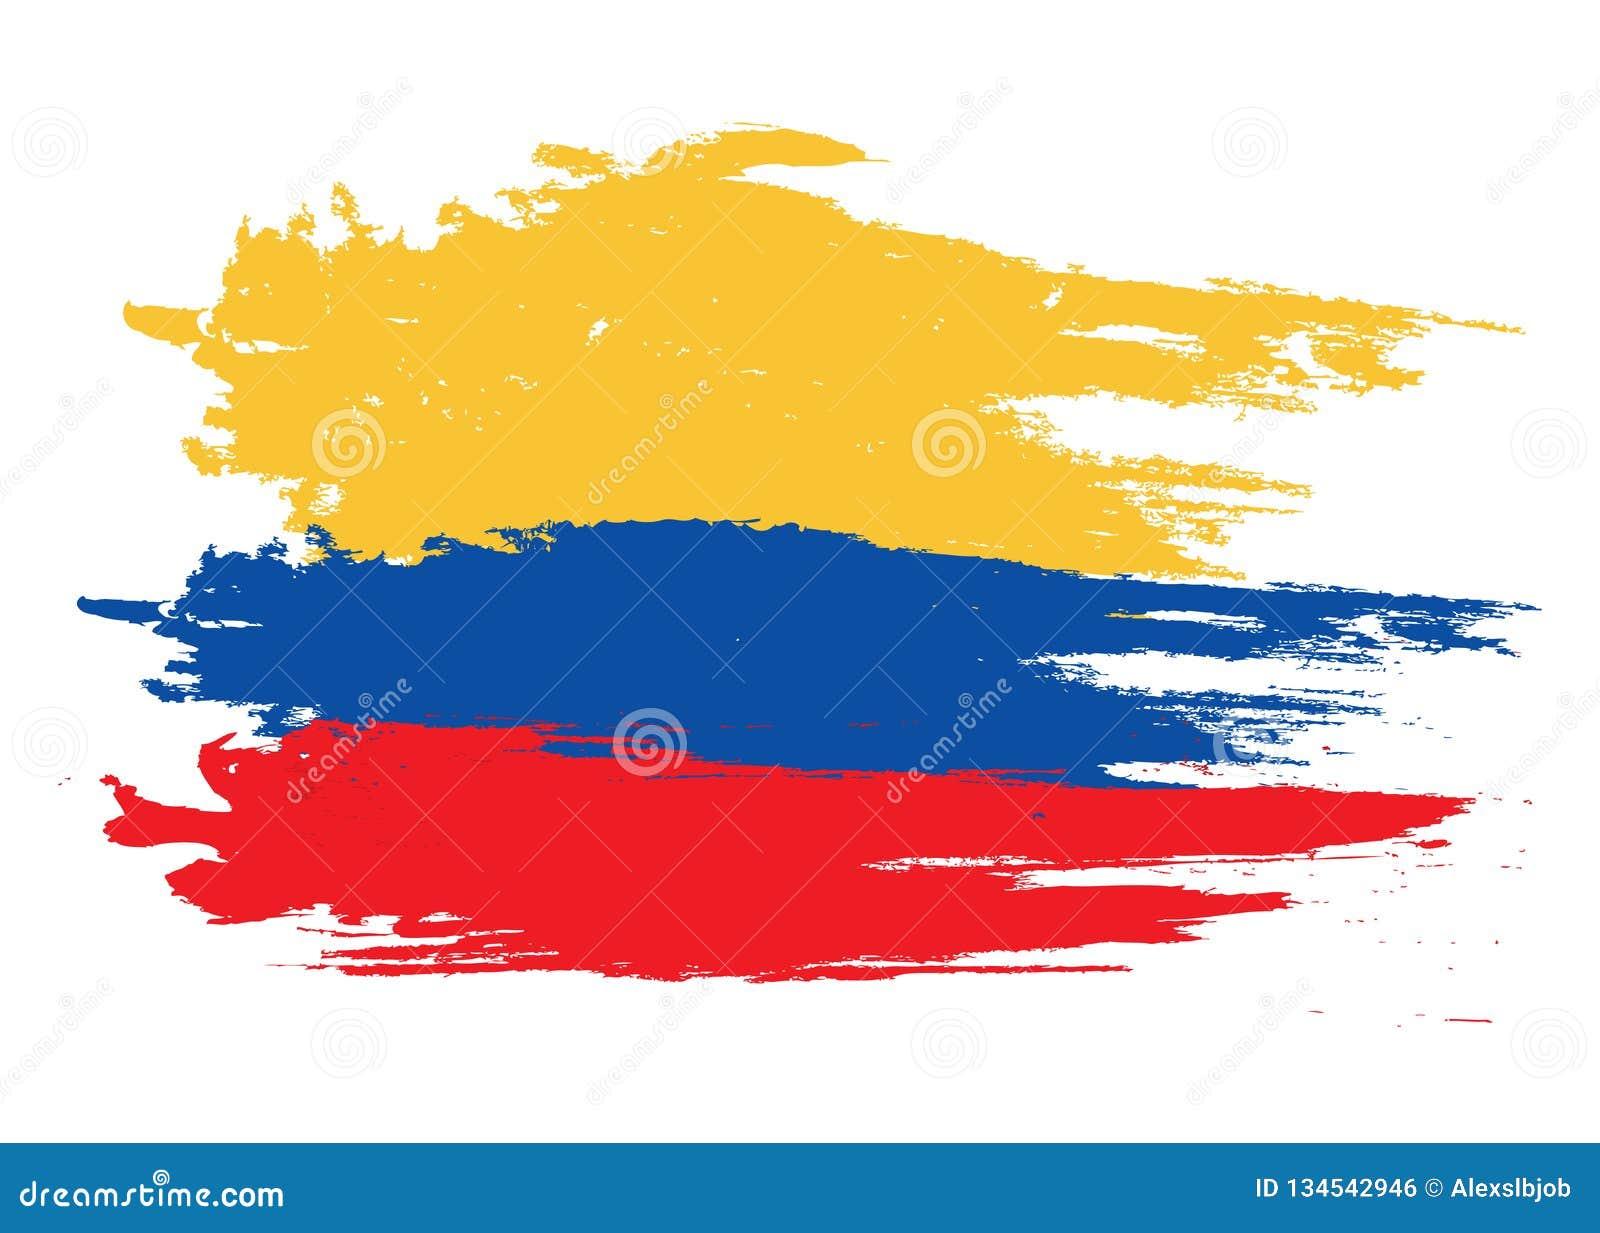 Vector la bandera de Colombia, ejemplo de la bandera de Colombia, imagen de la bandera de Colombia, bandera de Colombia